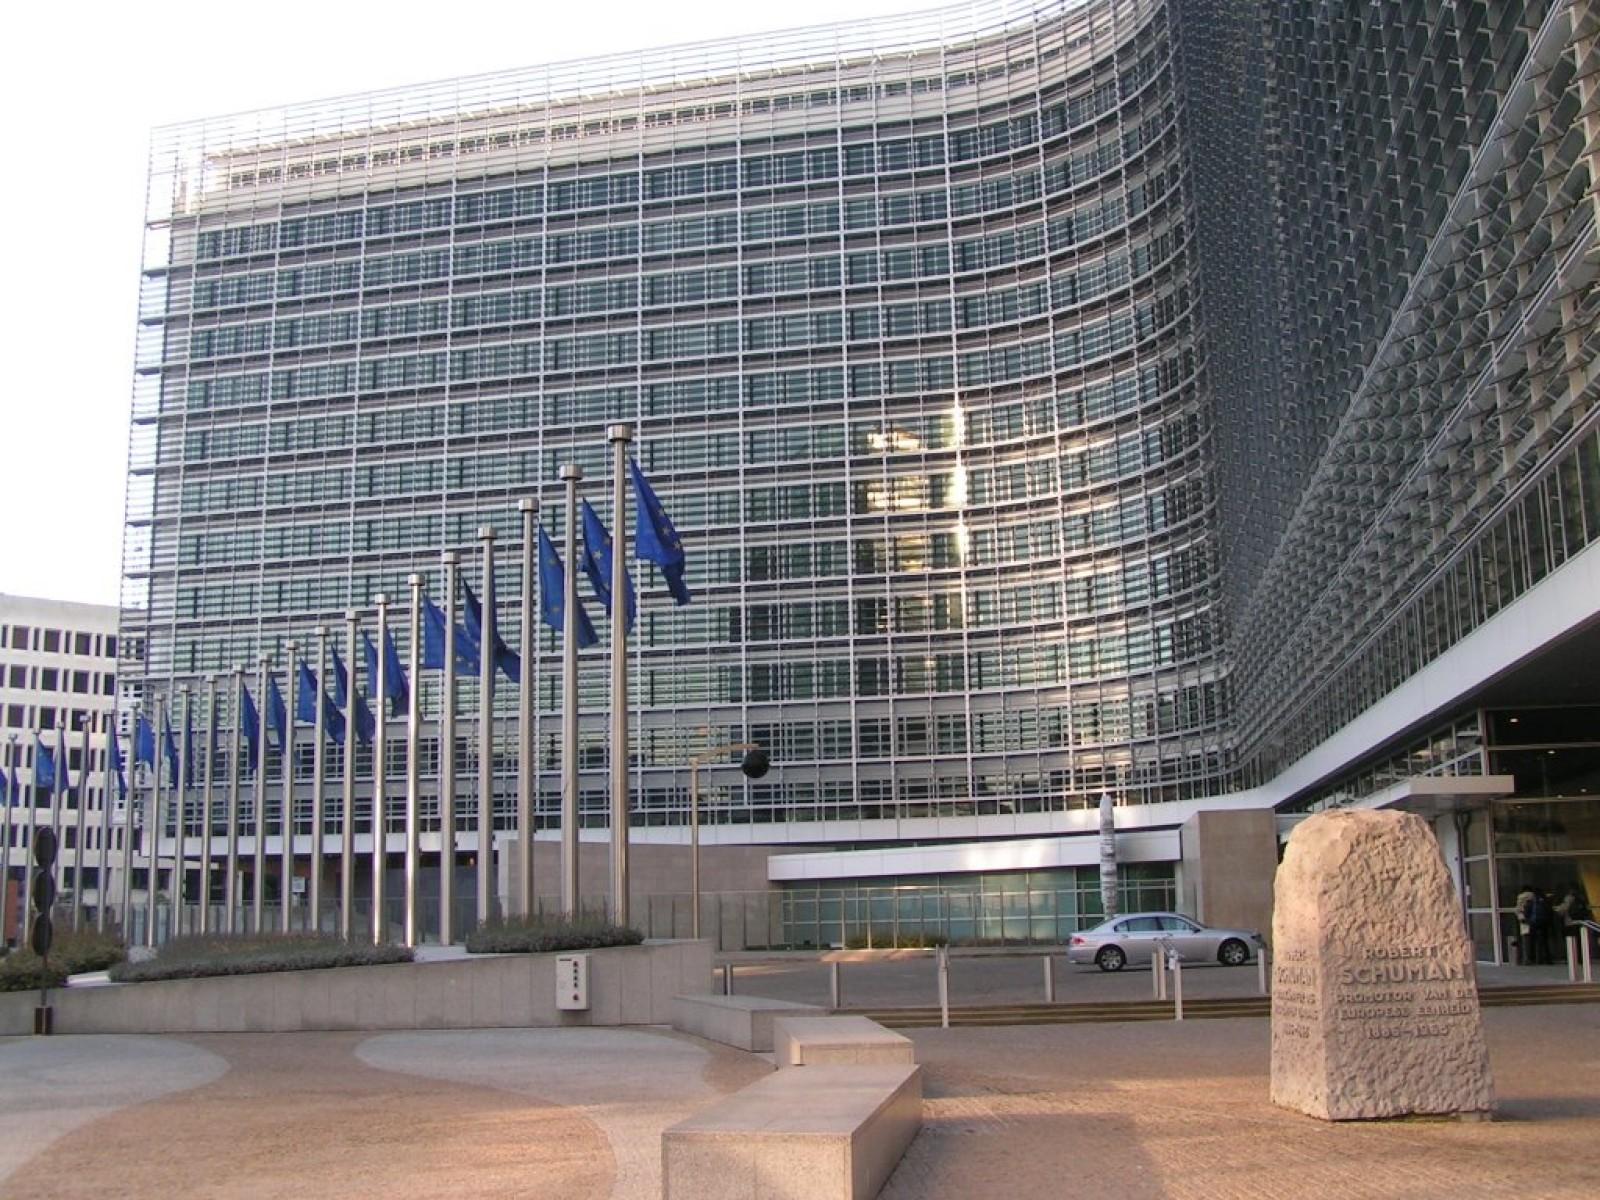 Comisia Europeană a activat Articolul 7 în cazul Poloniei